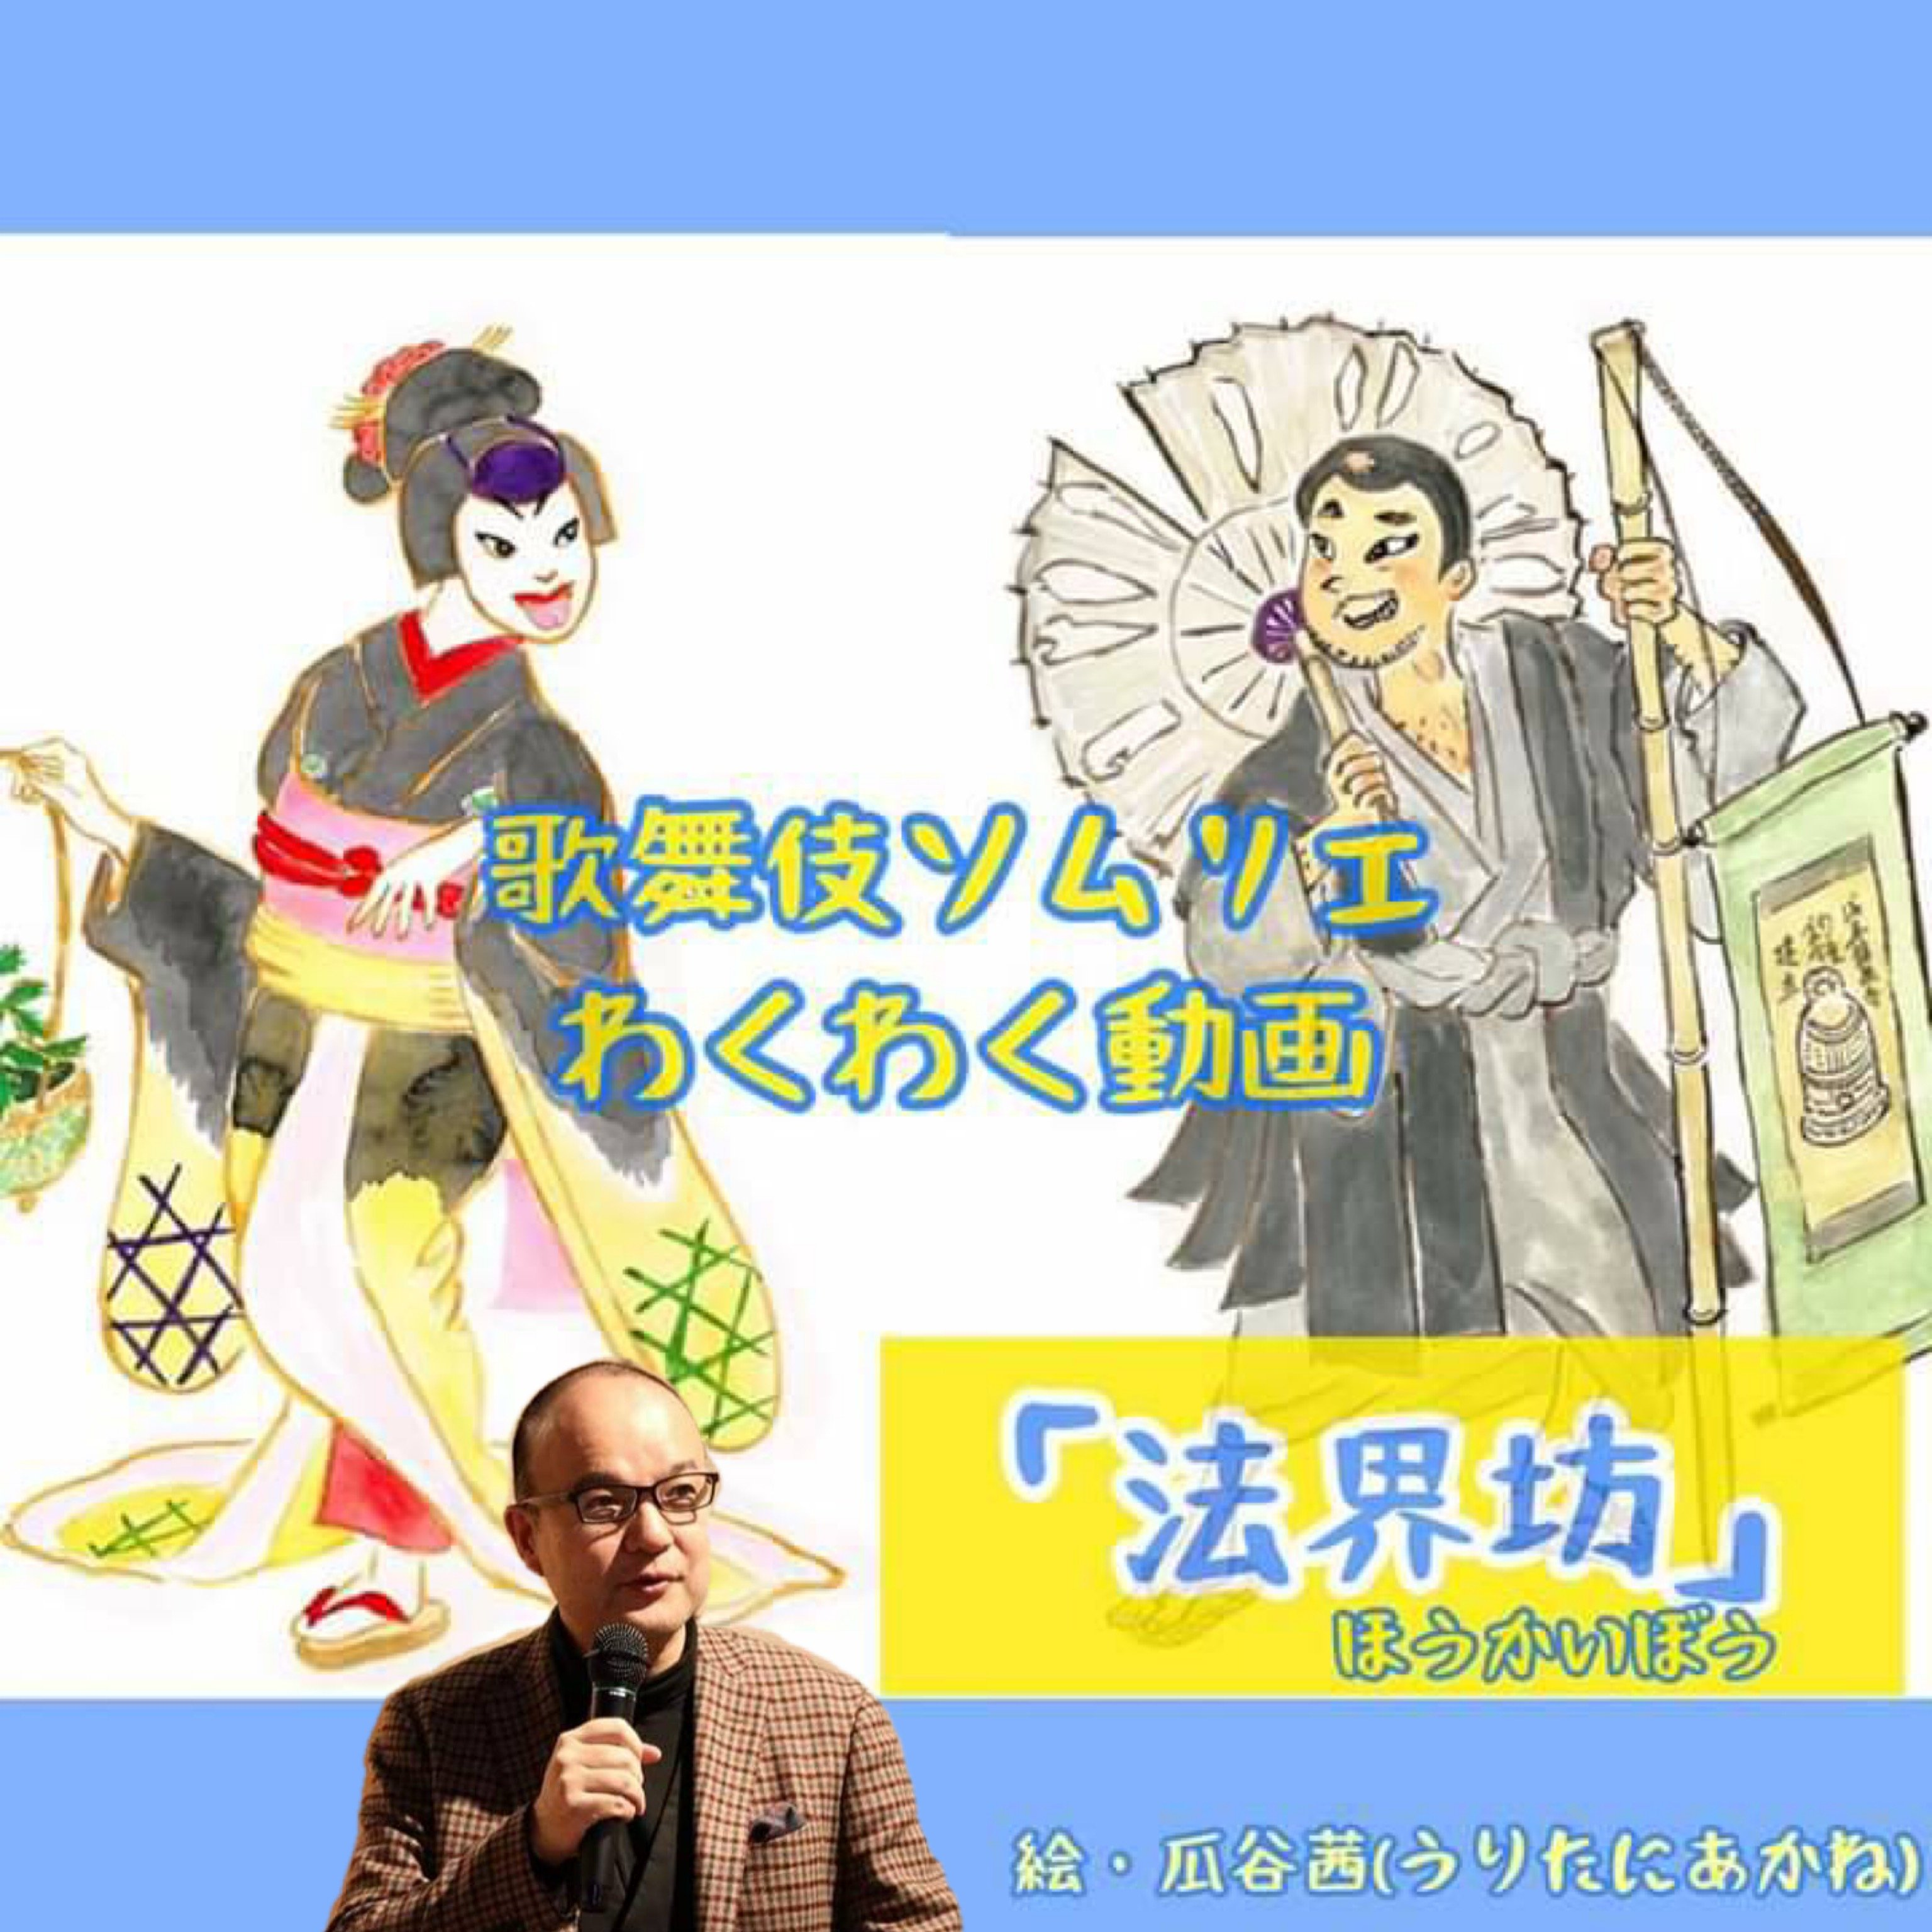 おくだ健太郎・歌舞伎ソムリエが、わかりやすく楽しく、歌舞伎の名作を解説トーク!歌舞伎ソムリエわくわく動画 「法界坊」〜ほうかいぼう〜約23分の動画です。のイメージその1